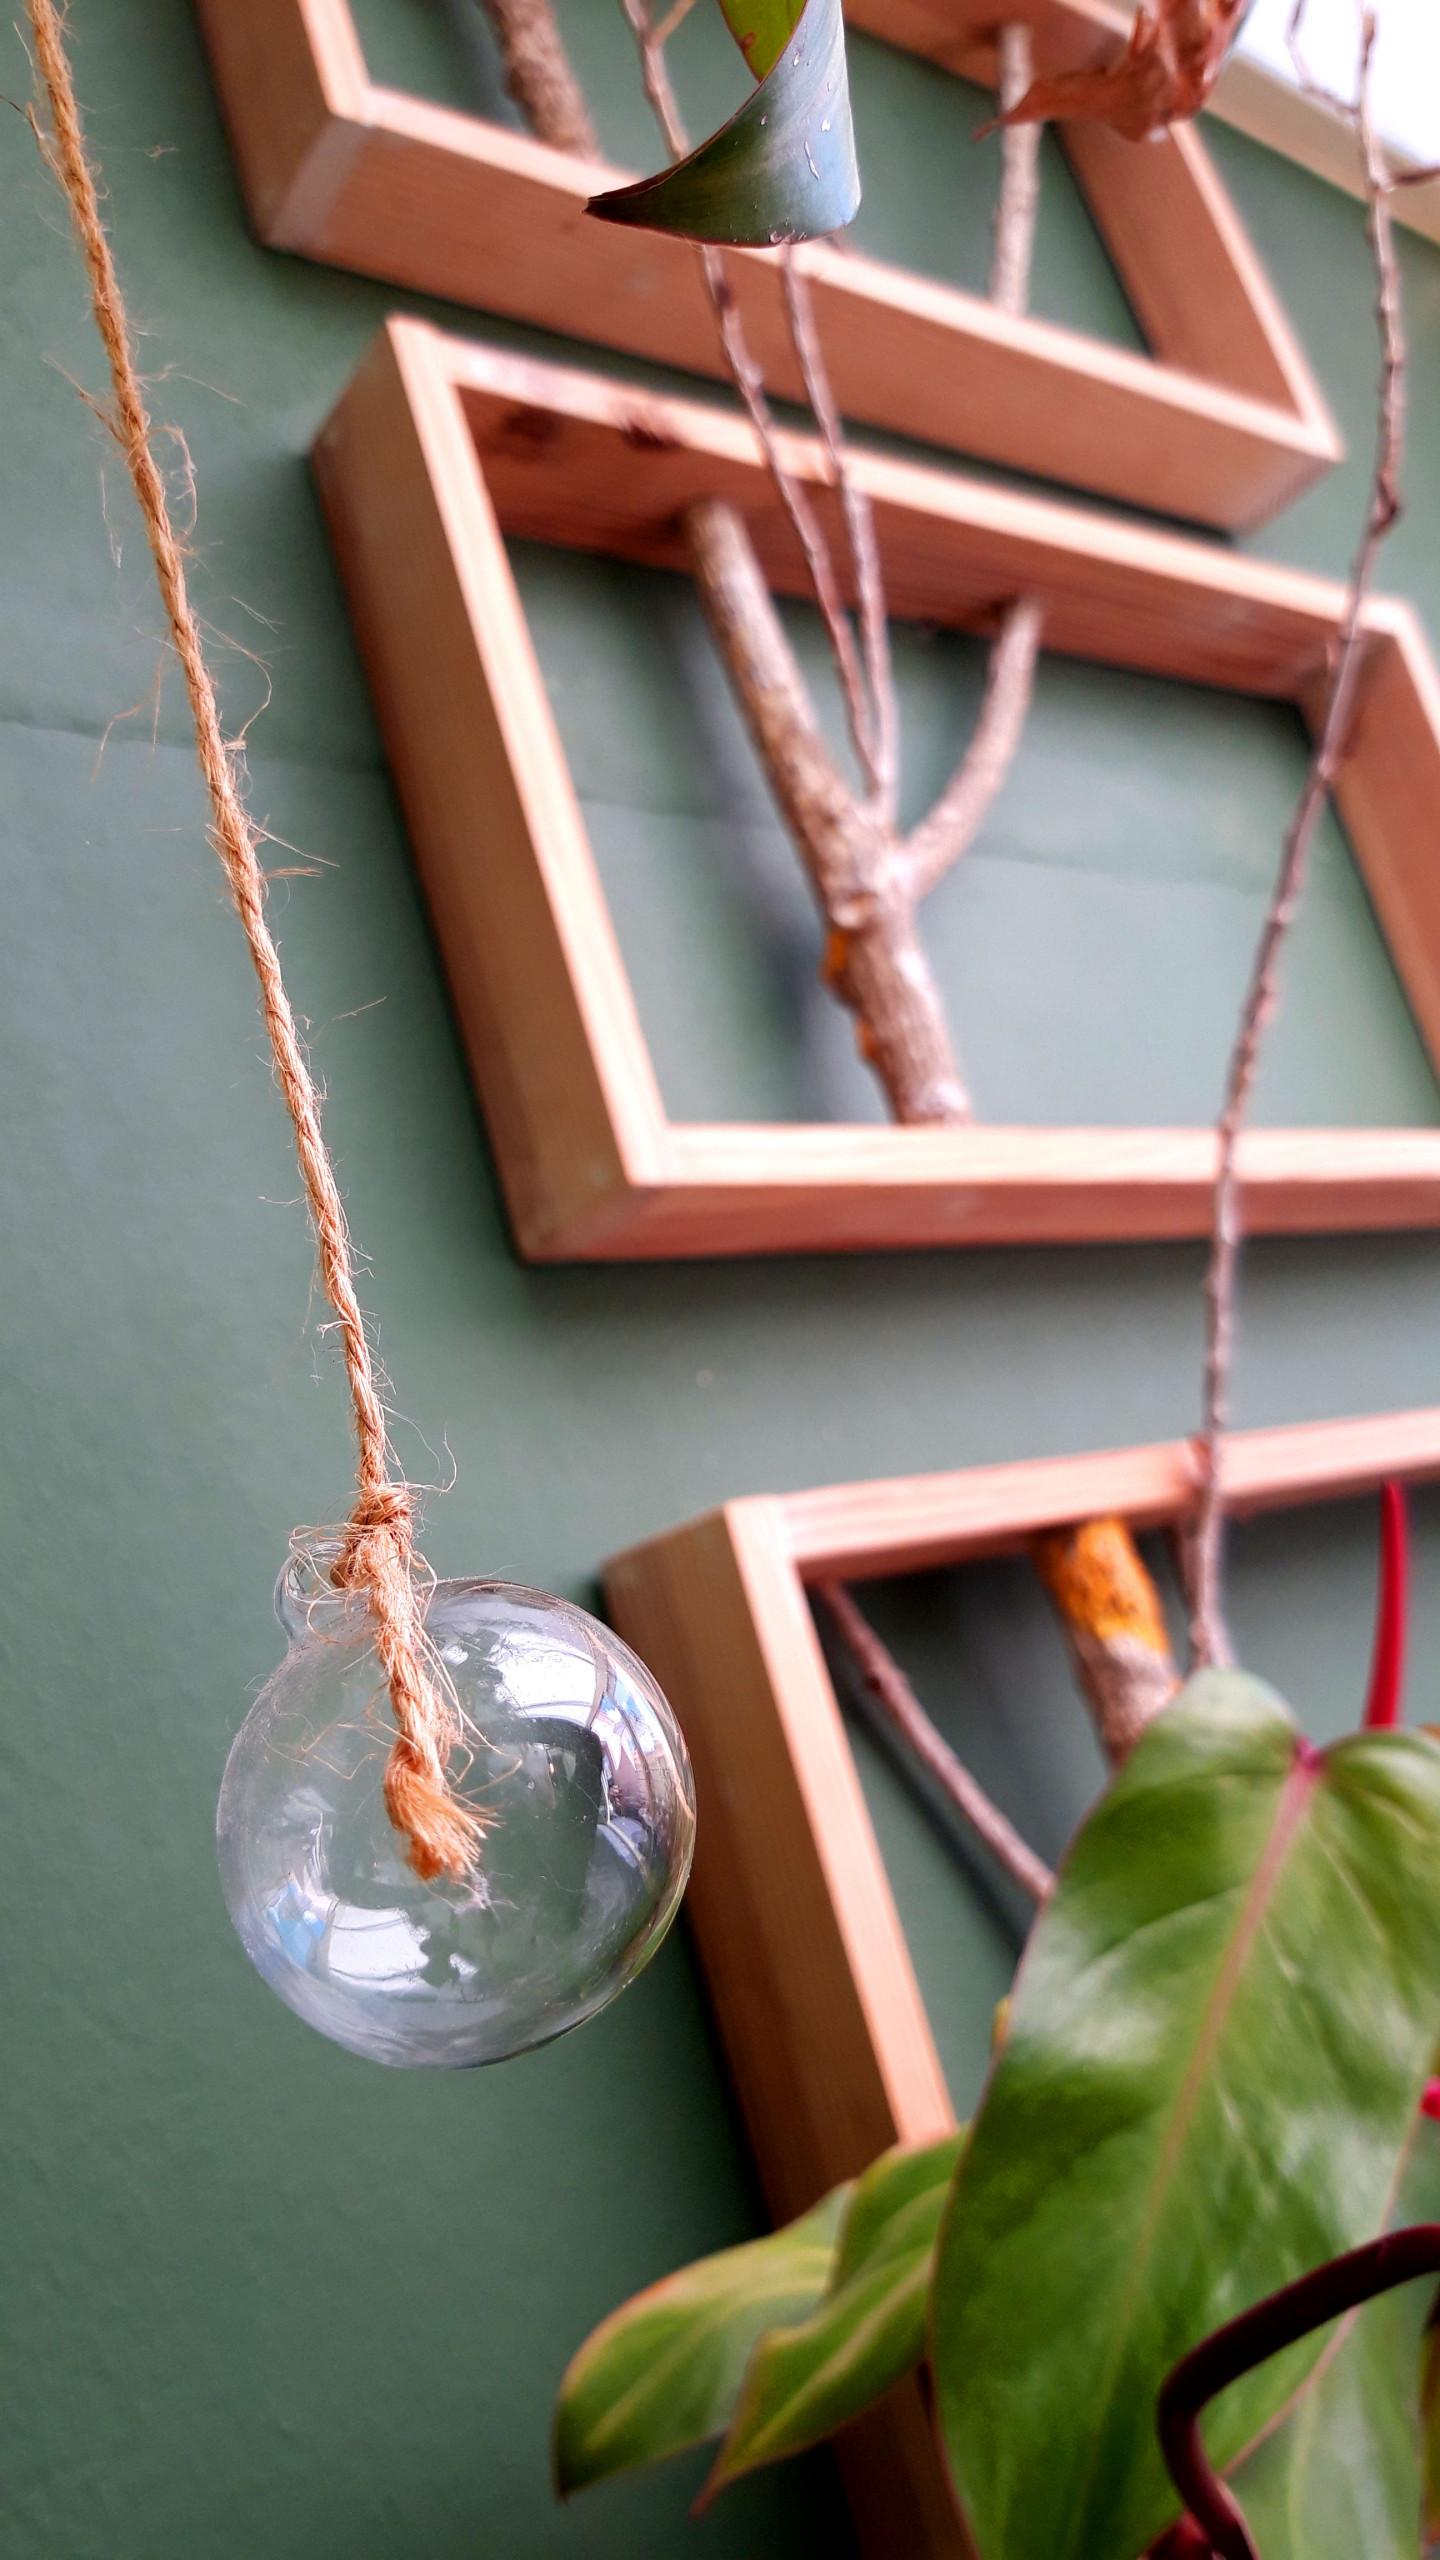 Rénovation d'appartement - Rénovation Terrasse Véranda / Jardin d'hiver